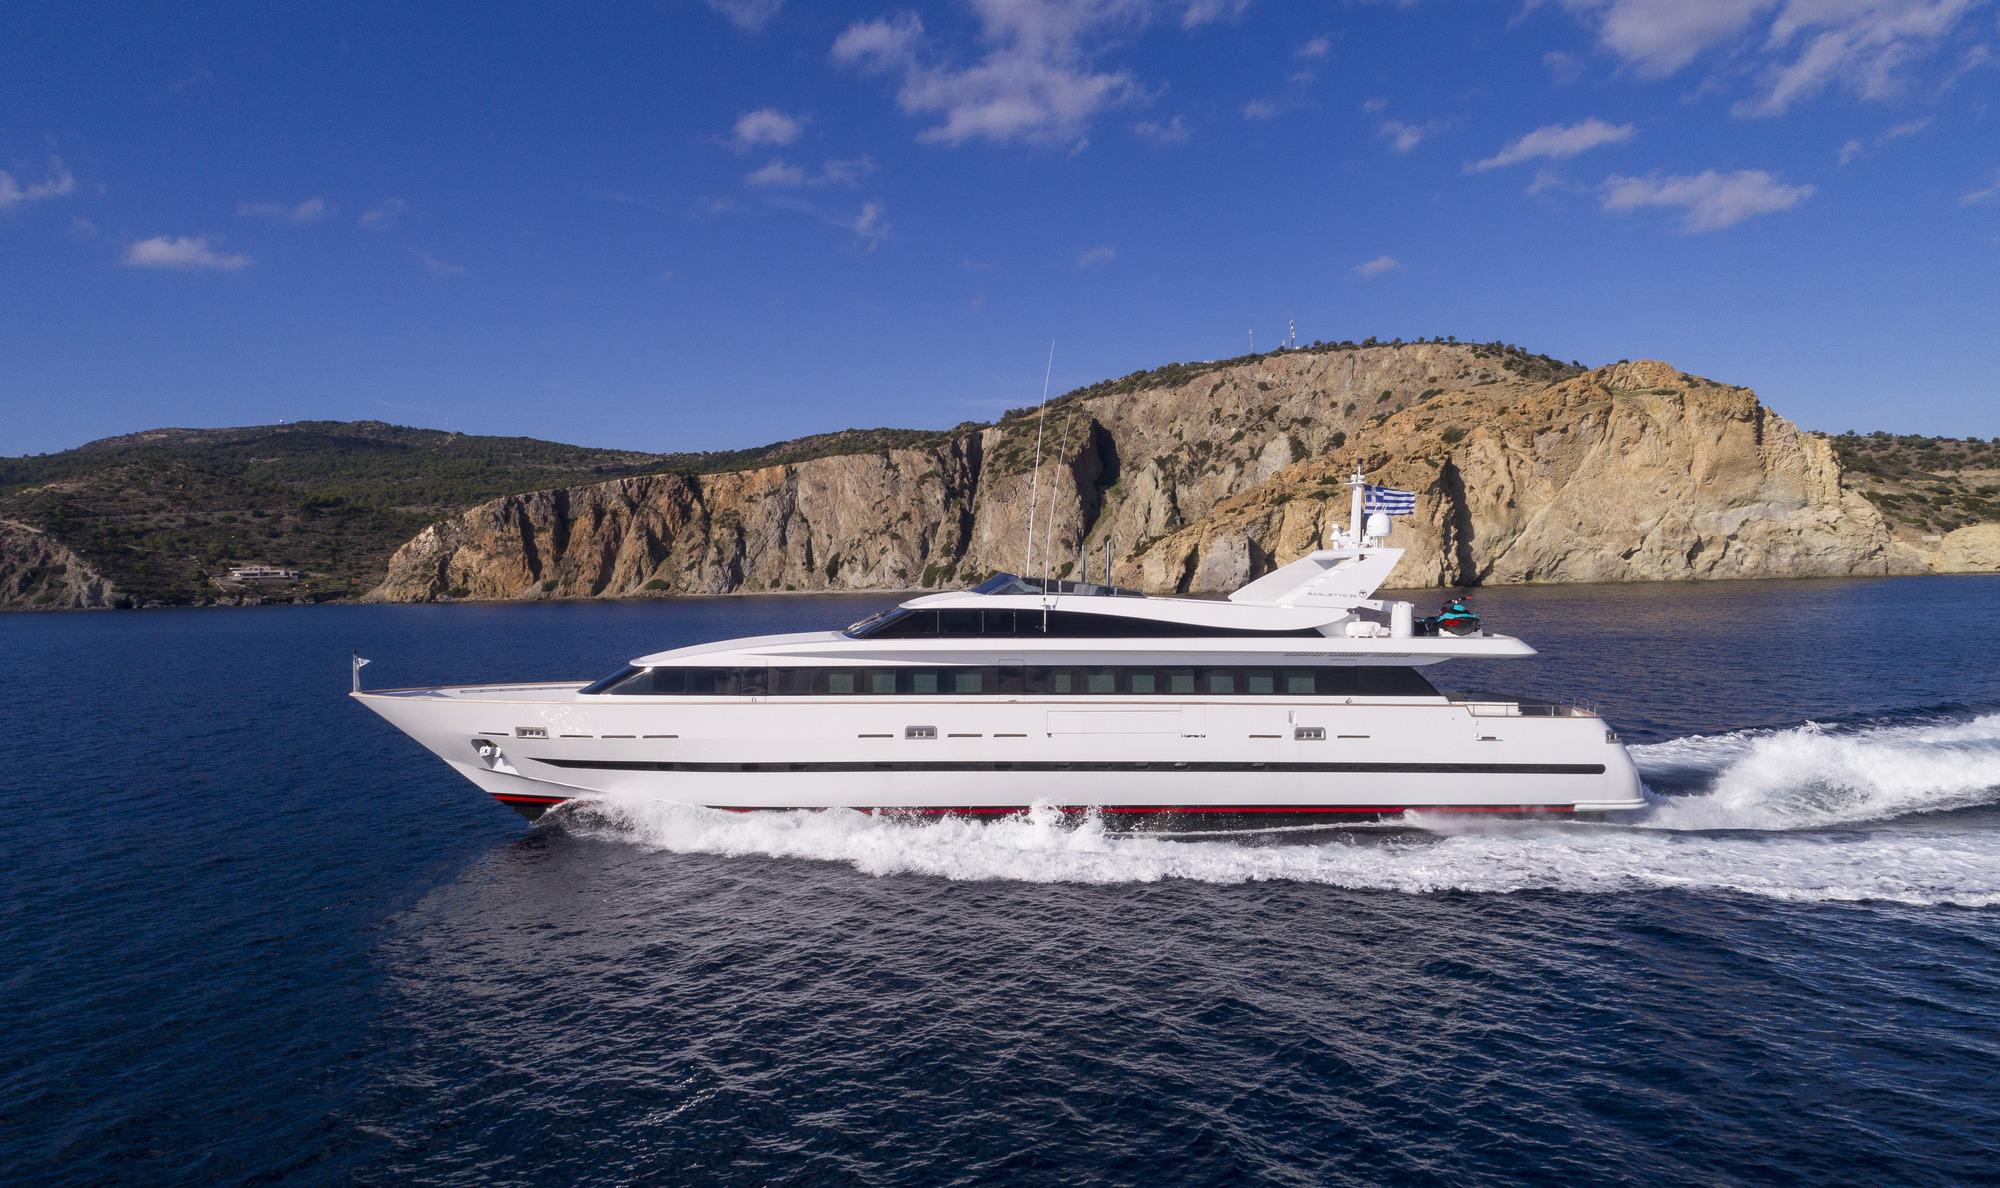 Baglietto Motor Yacht SOLE DI MARE - Profile View Running